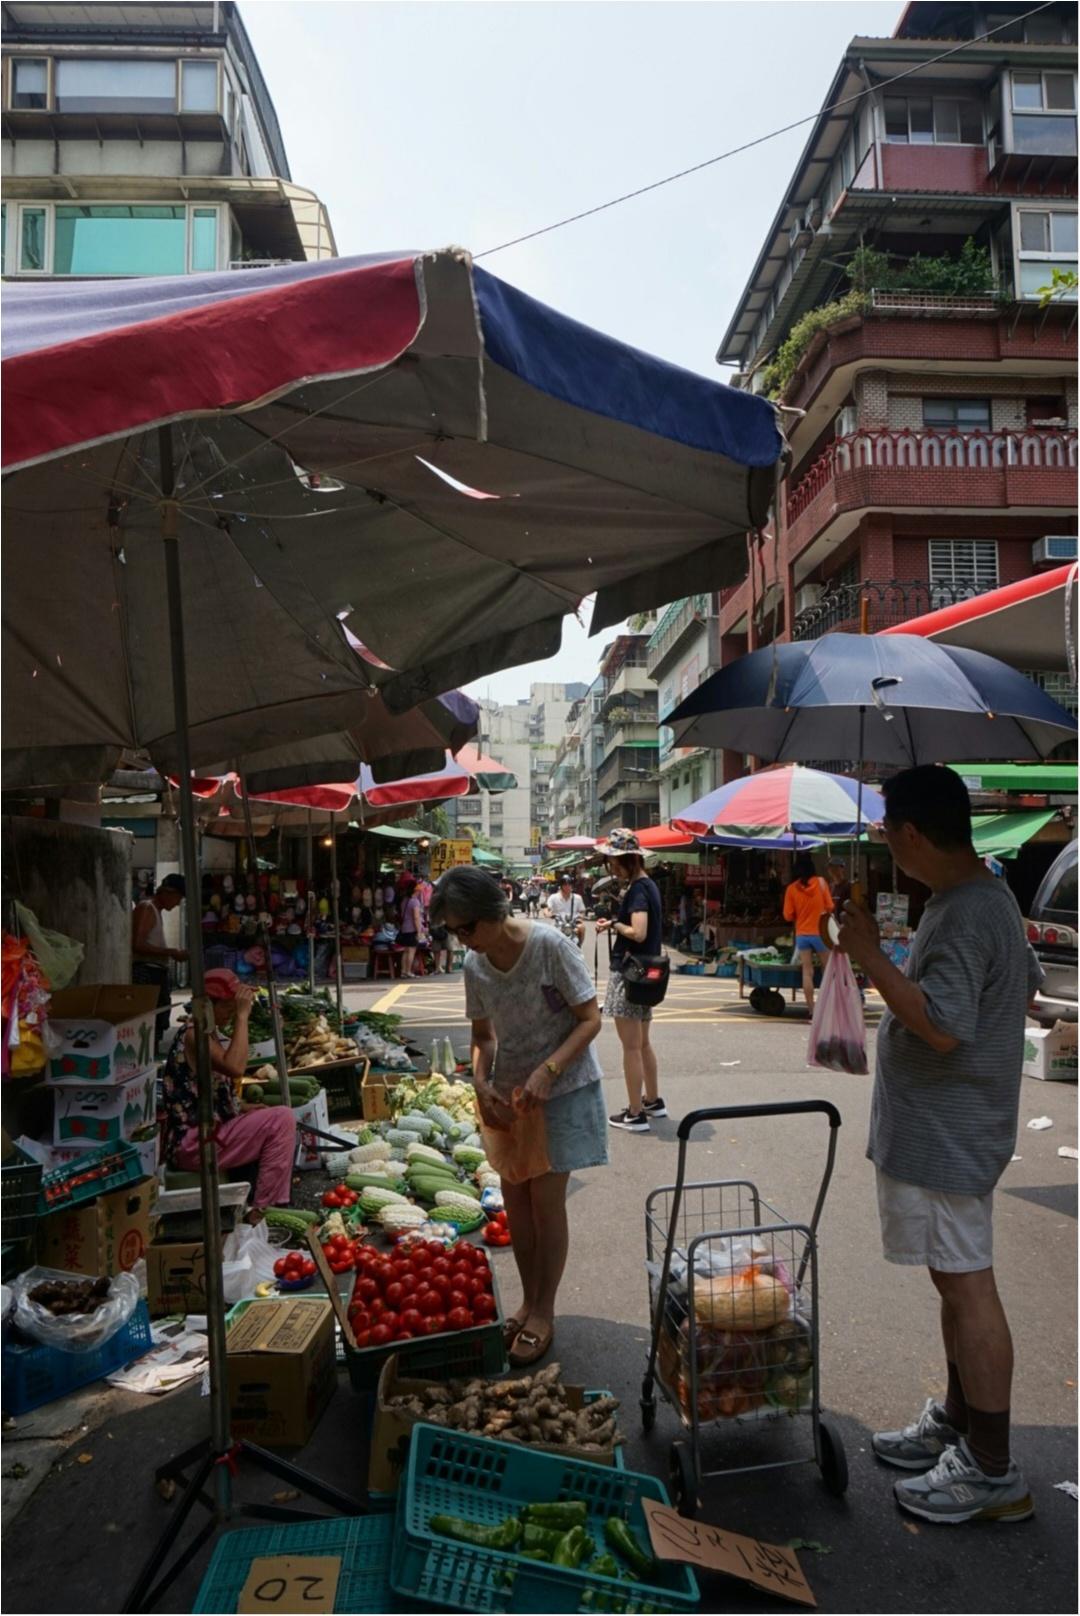 台湾のおしゃれなカフェ&食べ物特集 - 人気のタピオカや小籠包も! 台湾女子旅におすすめのグルメ情報まとめ_73